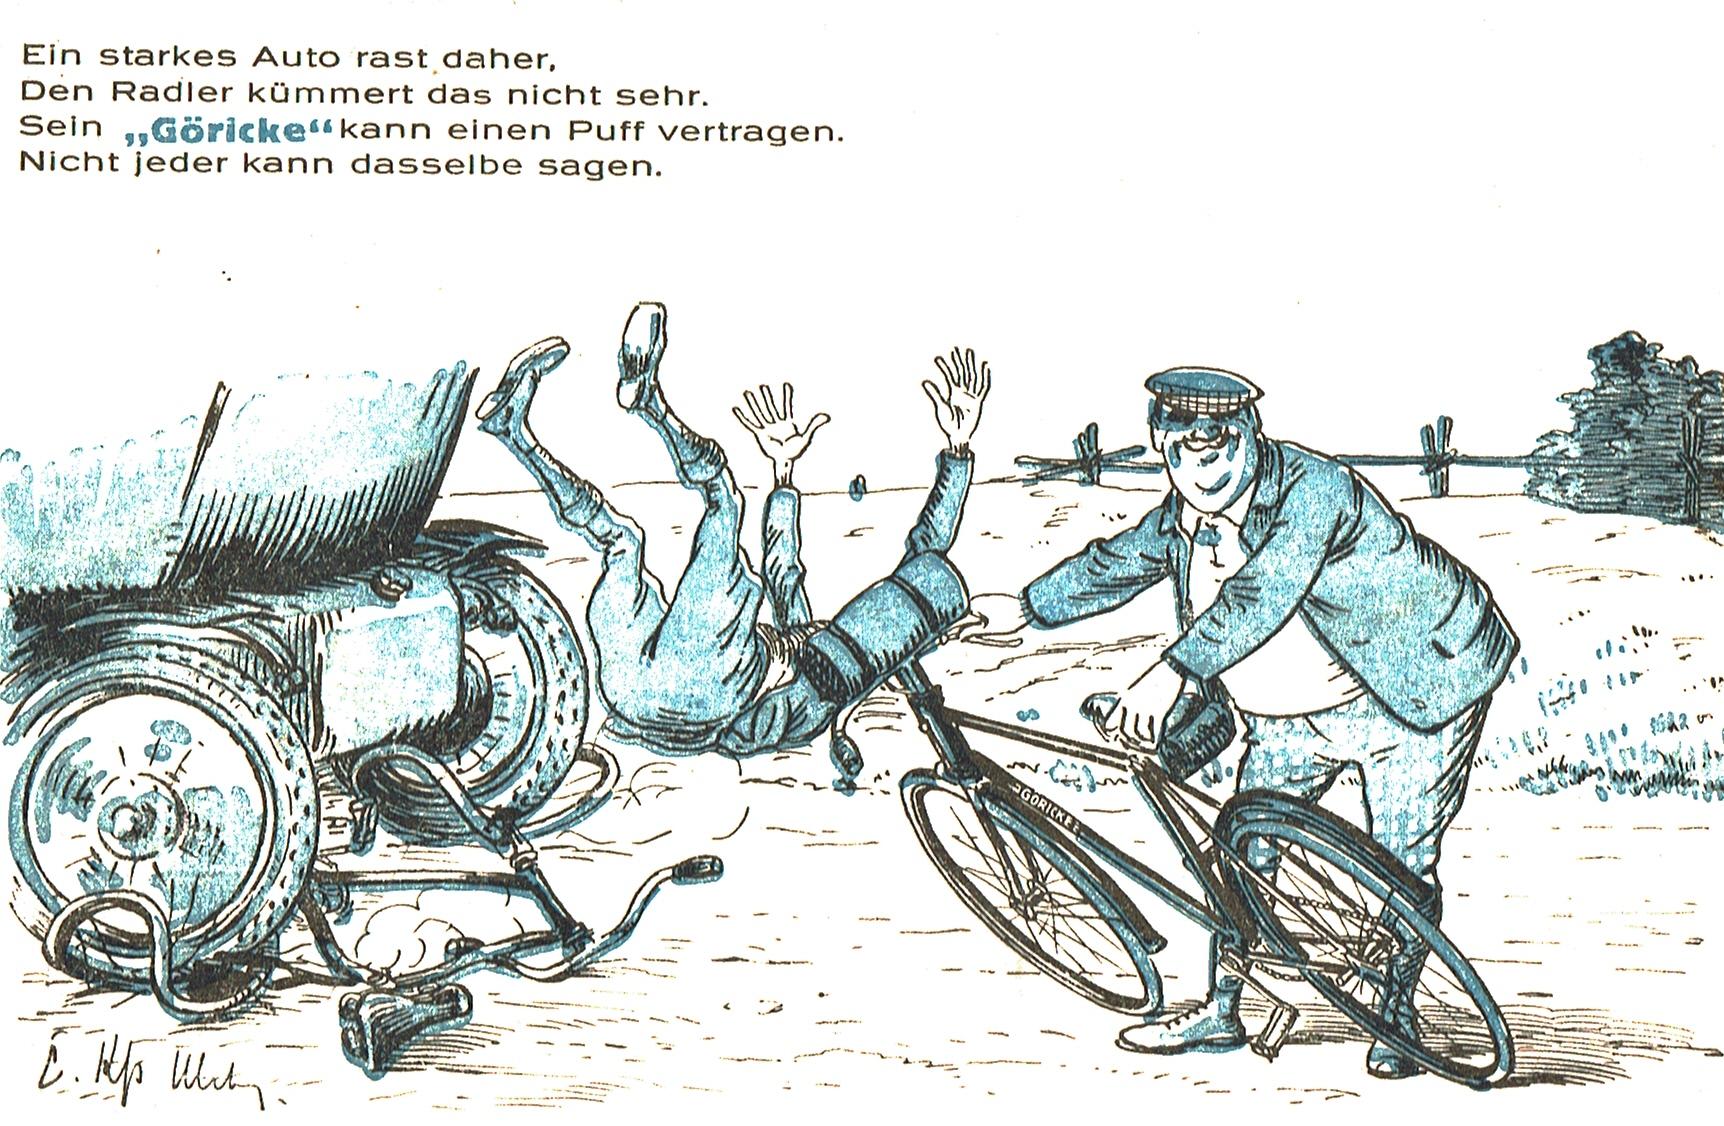 Reklame für die Göricke-Fahrräder, die angeblich auch eine Kollision mit einem Auto überstehen